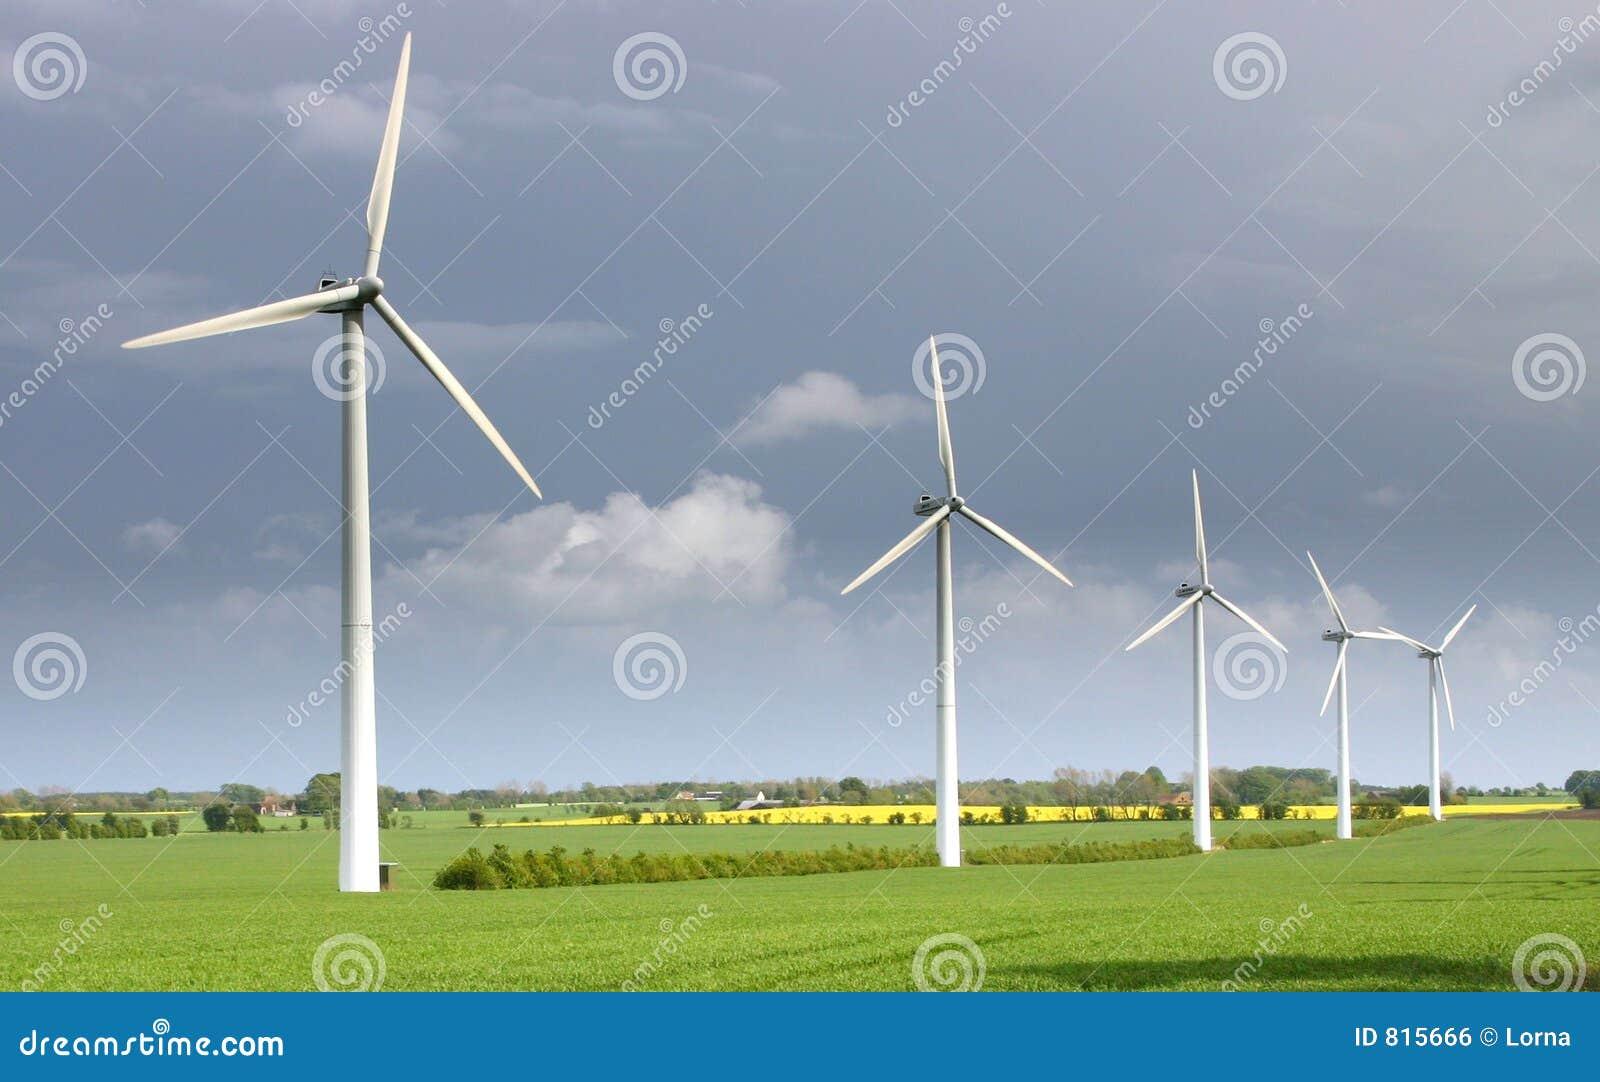 Turbine Di Vento Mulini A Vento Moderni Fotografia Stock Immagine